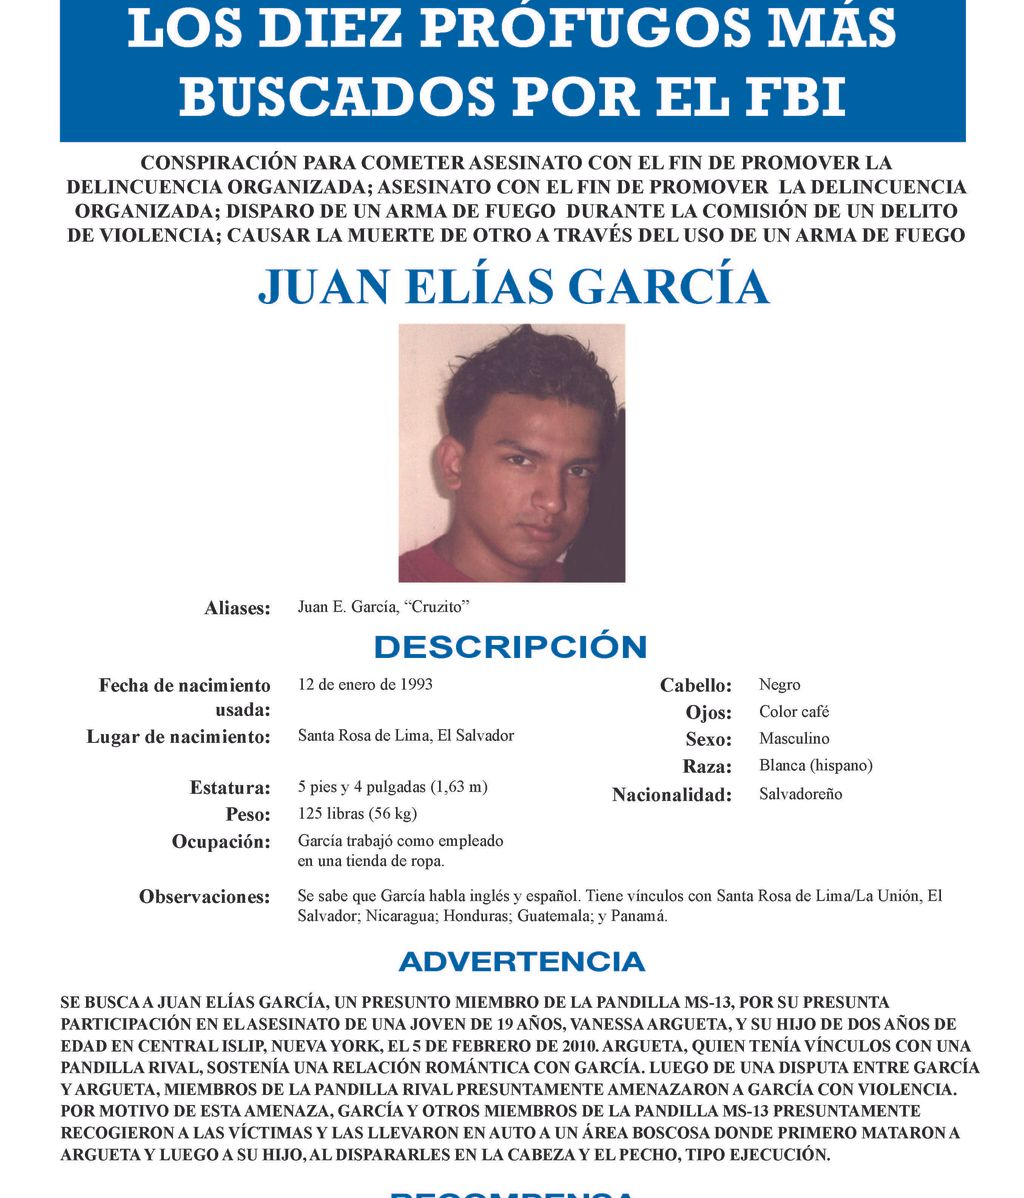 El salvadoreño Juan Elías García, entre los diez más buscados por el FBI